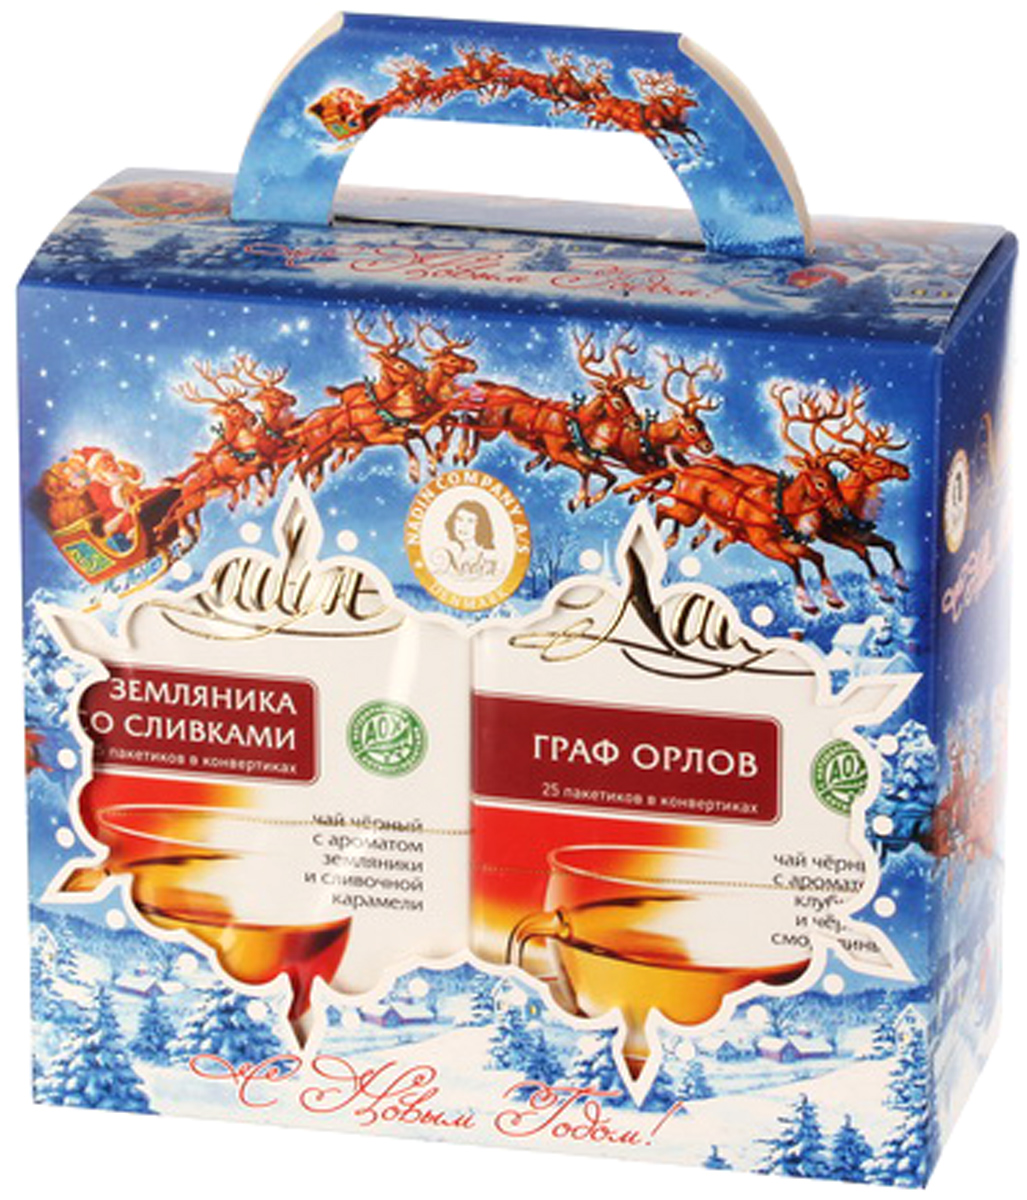 Nadin С Новым Годом! чай черный, 100 г чай чёрный newby indian breakfast индийский байховый пакетированный